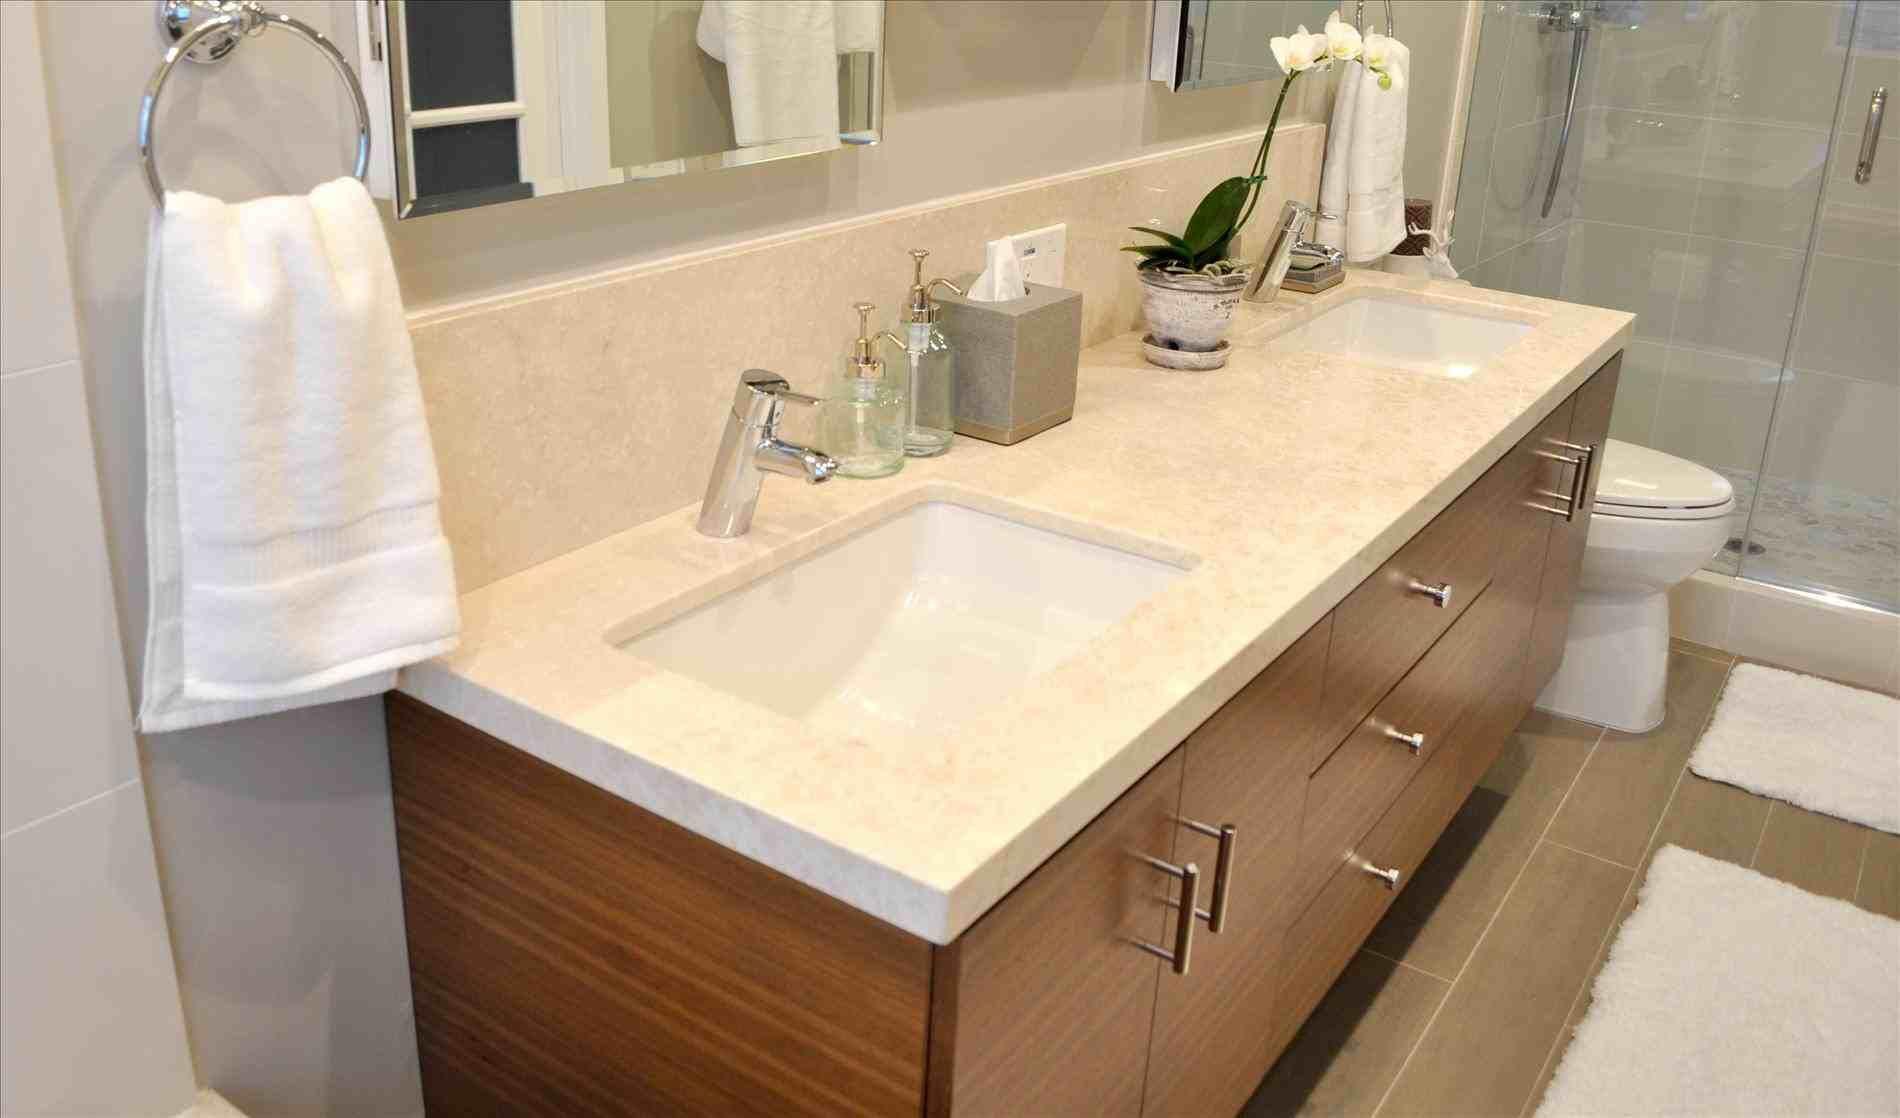 New Post Bathroom Vanity Sinks Visit Bathroomremodelideassclub